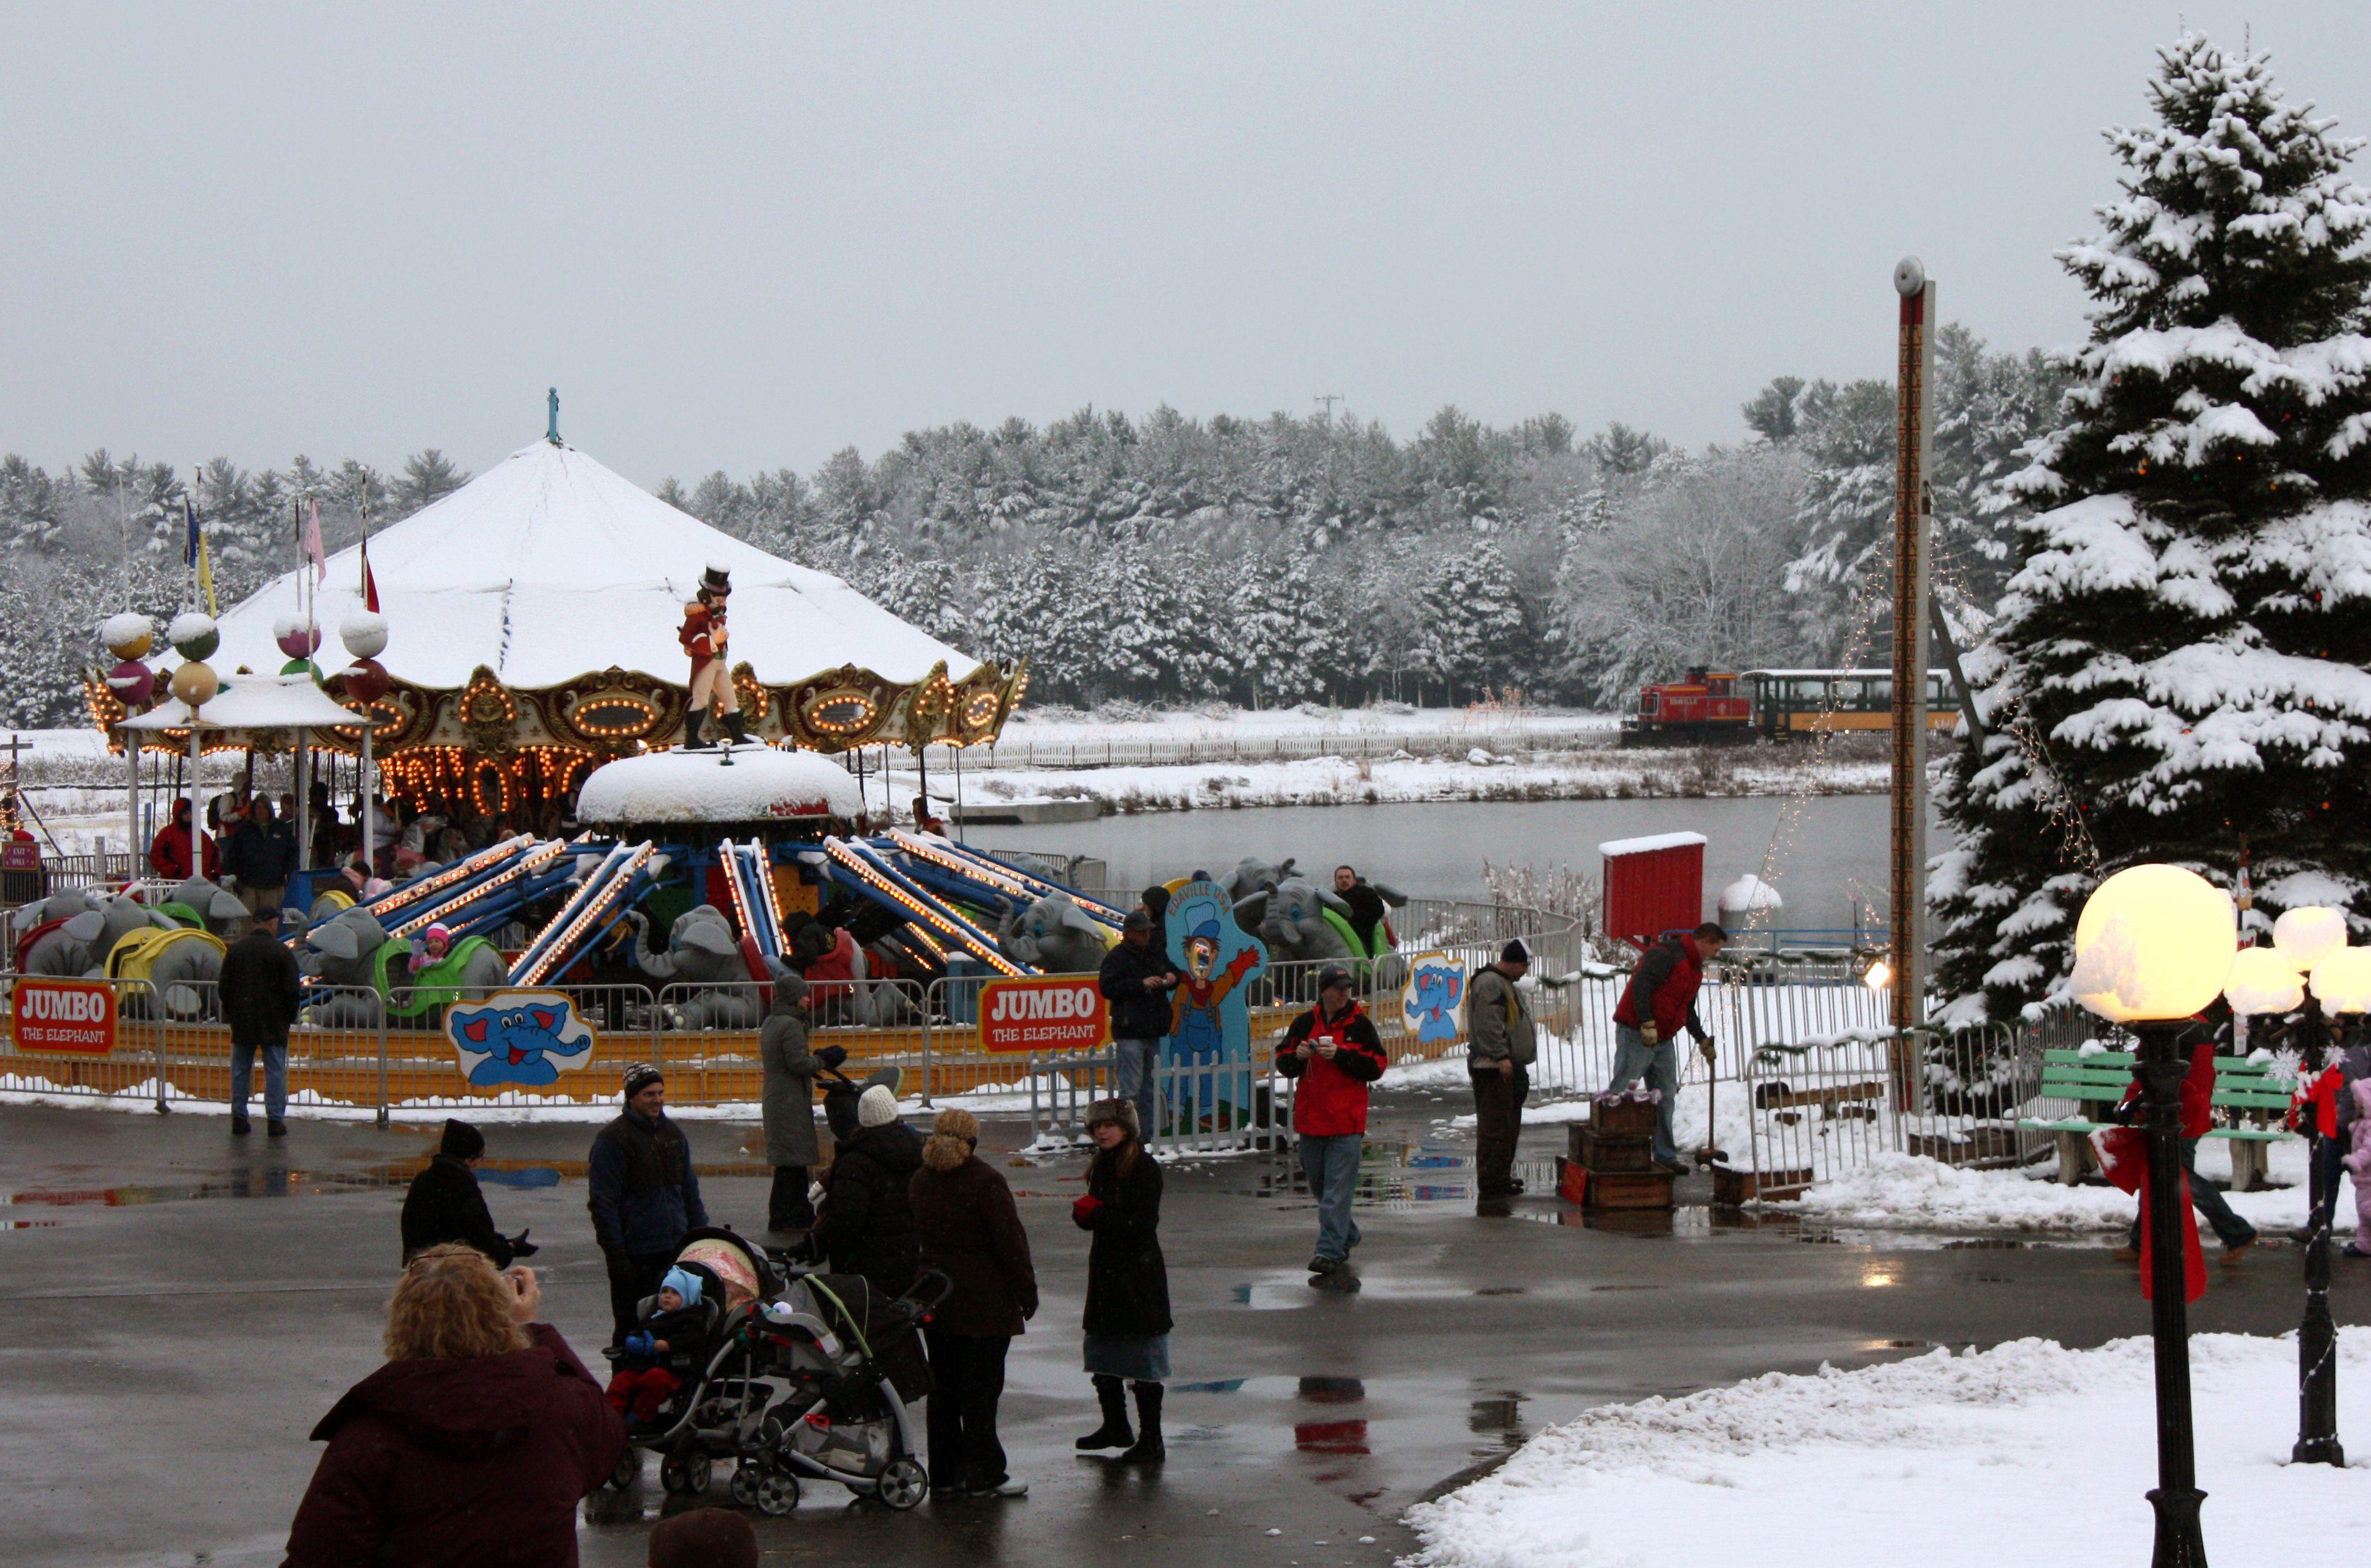 Edaville U.S.A. in the winter